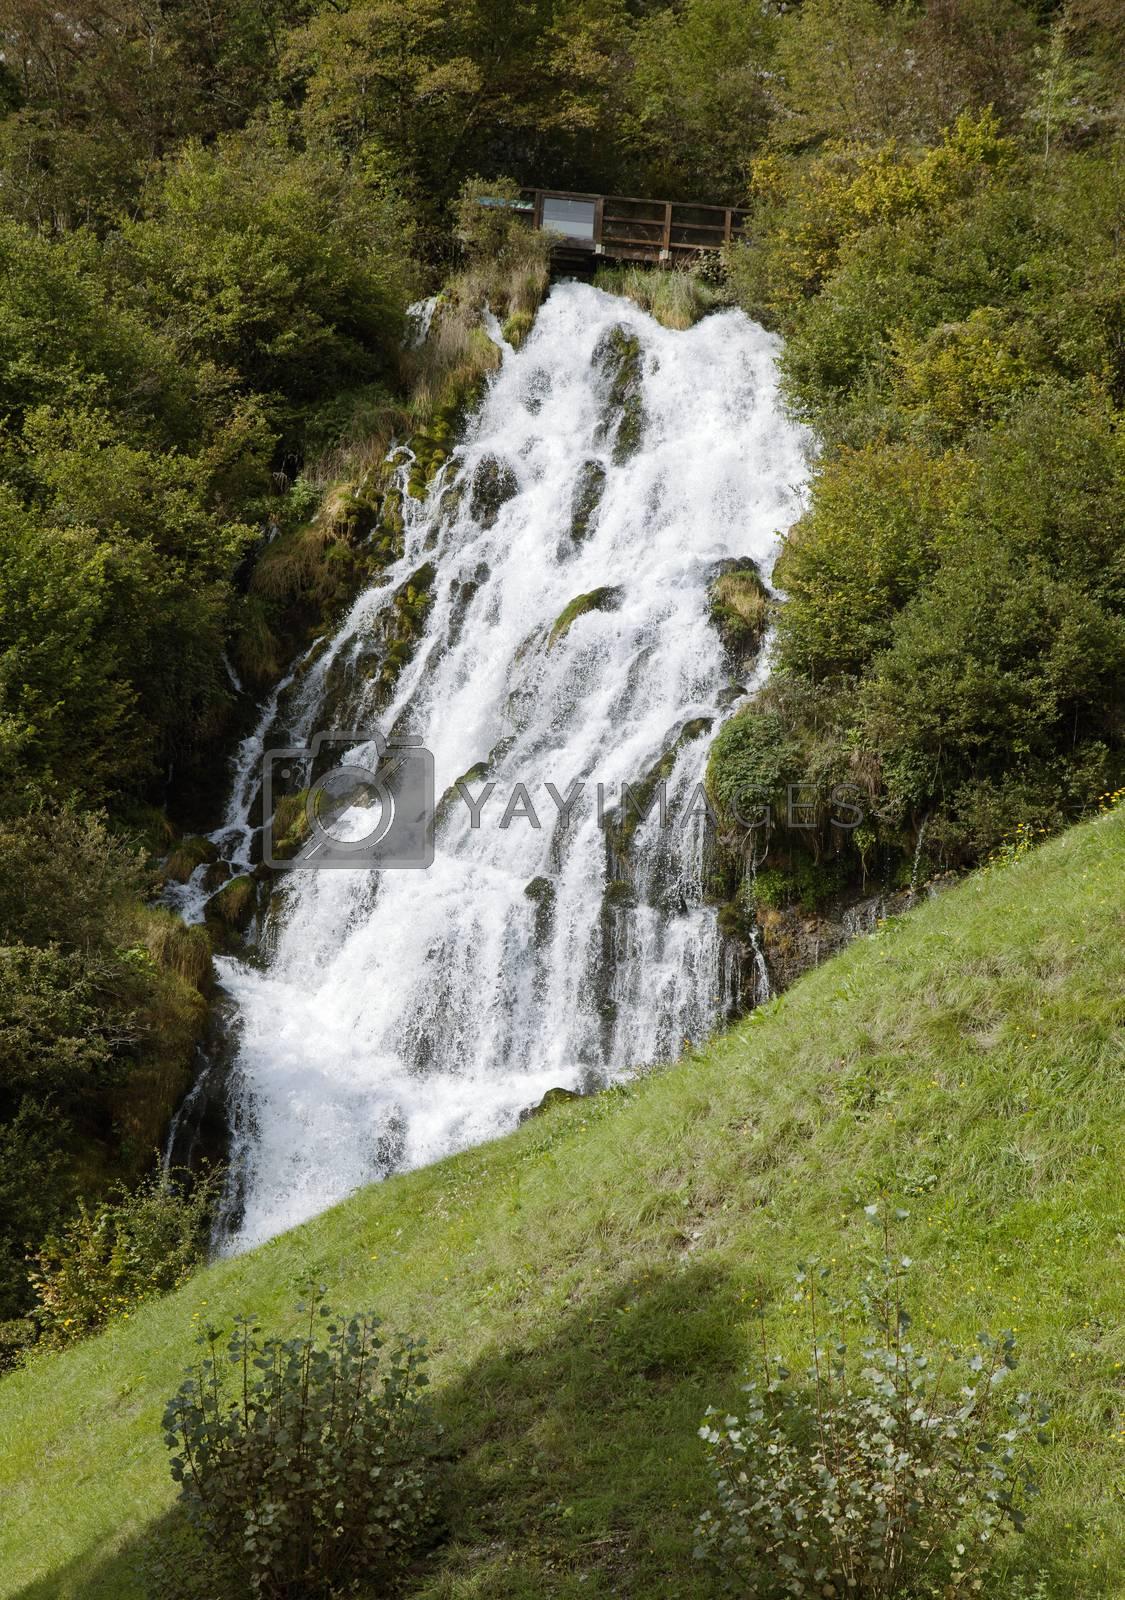 Cascate del Rio Bianco near Stenico, Northern Italy